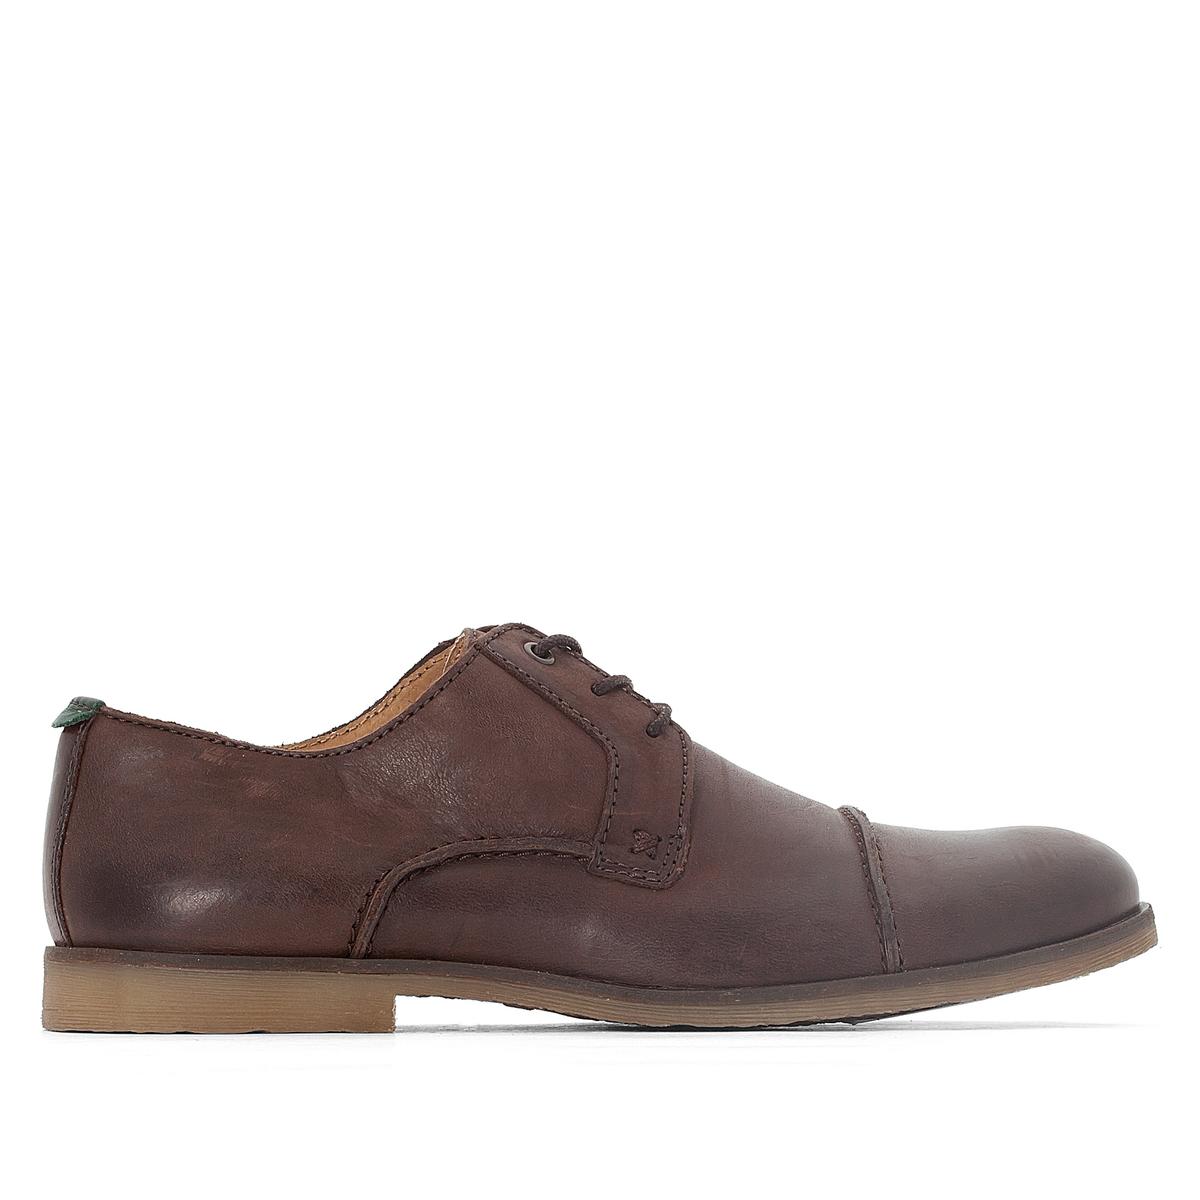 Ботинки-дерби FLARUD ботинки дерби под кожу питона